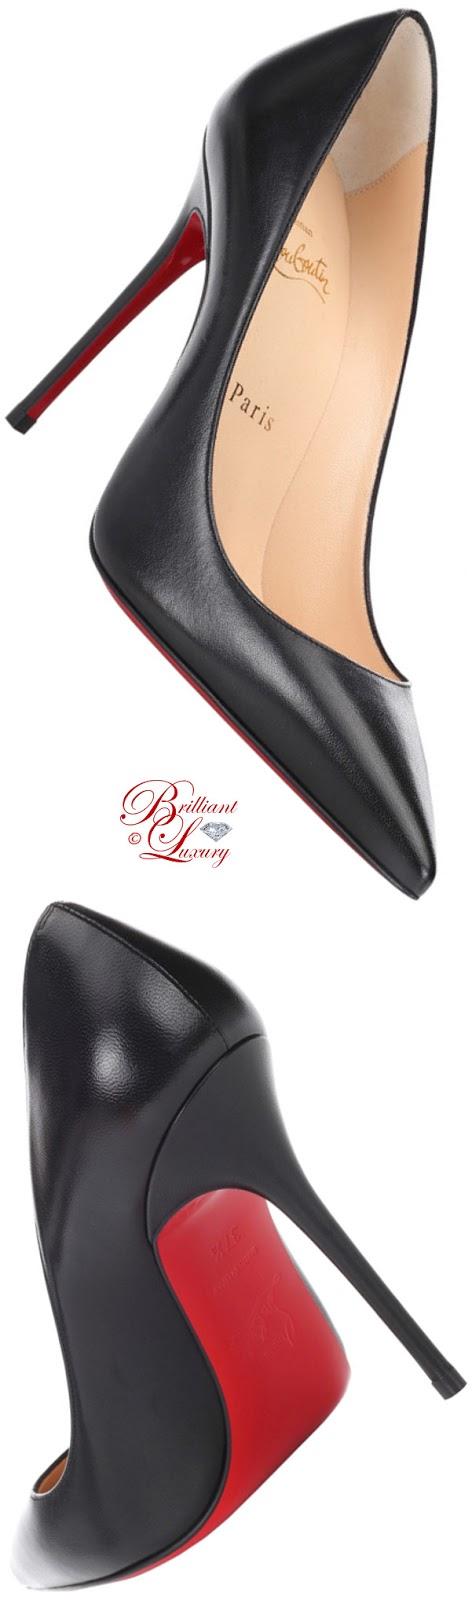 Brilliant Luxury ♦ Christian Louboutin Décolleté 554 leather pumps in black 2018